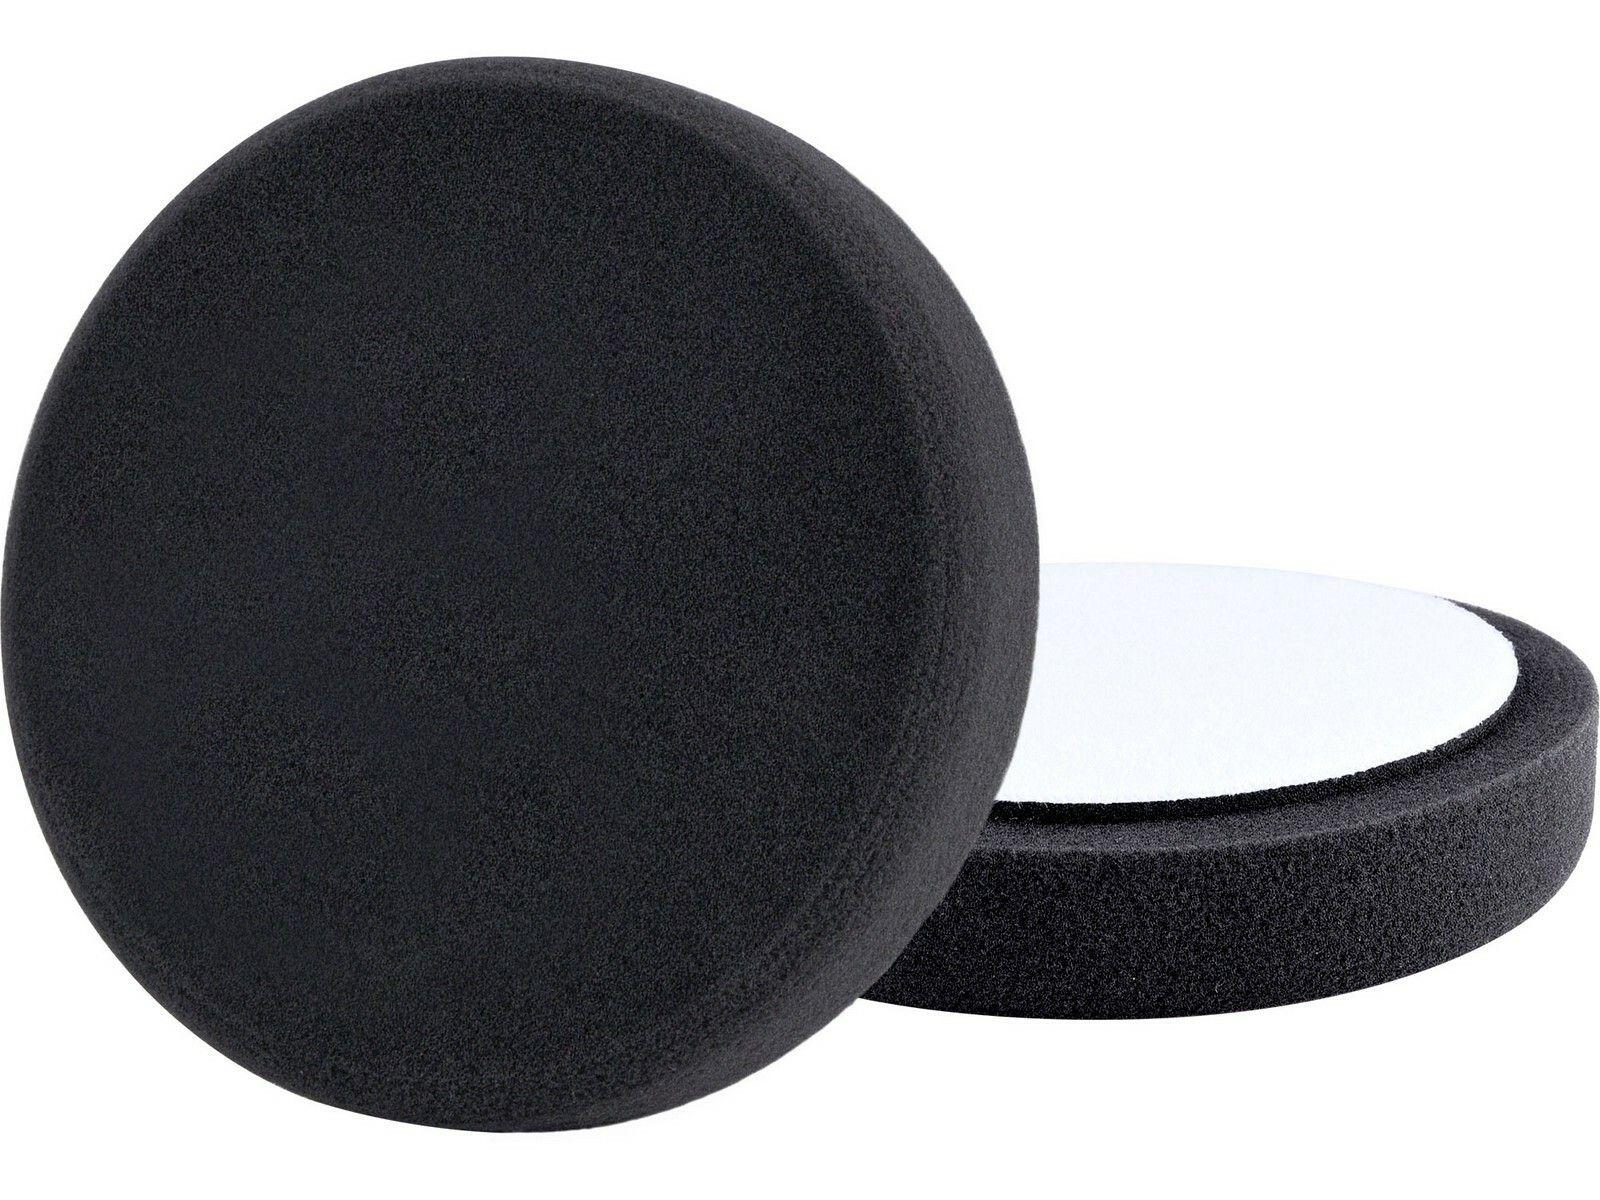 Kotouč leštící pěnový, T10, černý, Ř180x30mm, suchý zip Ř150mm EXTOL PREMIUM